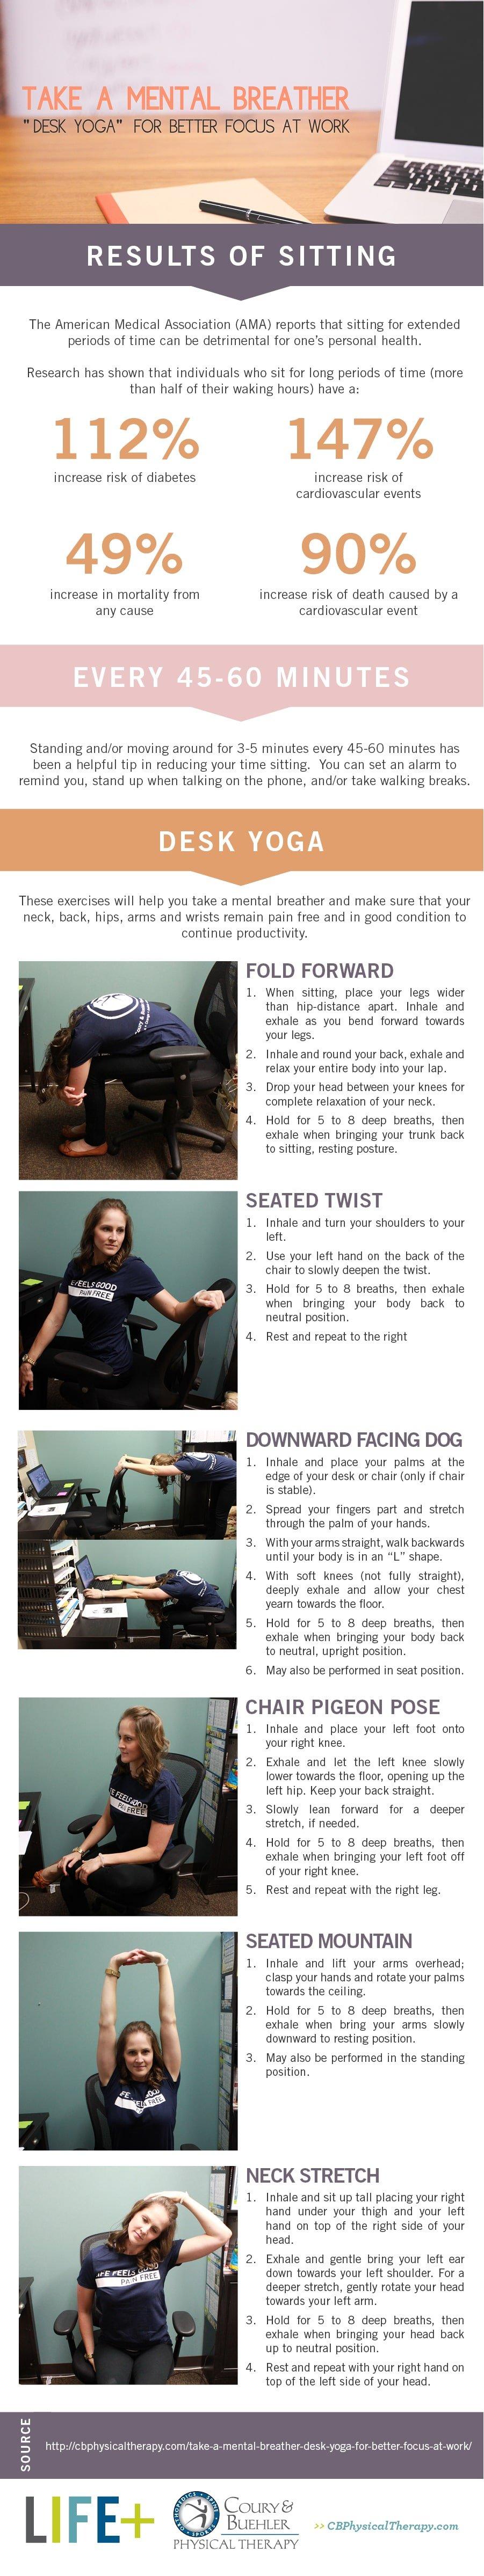 Desk Yoga Guide